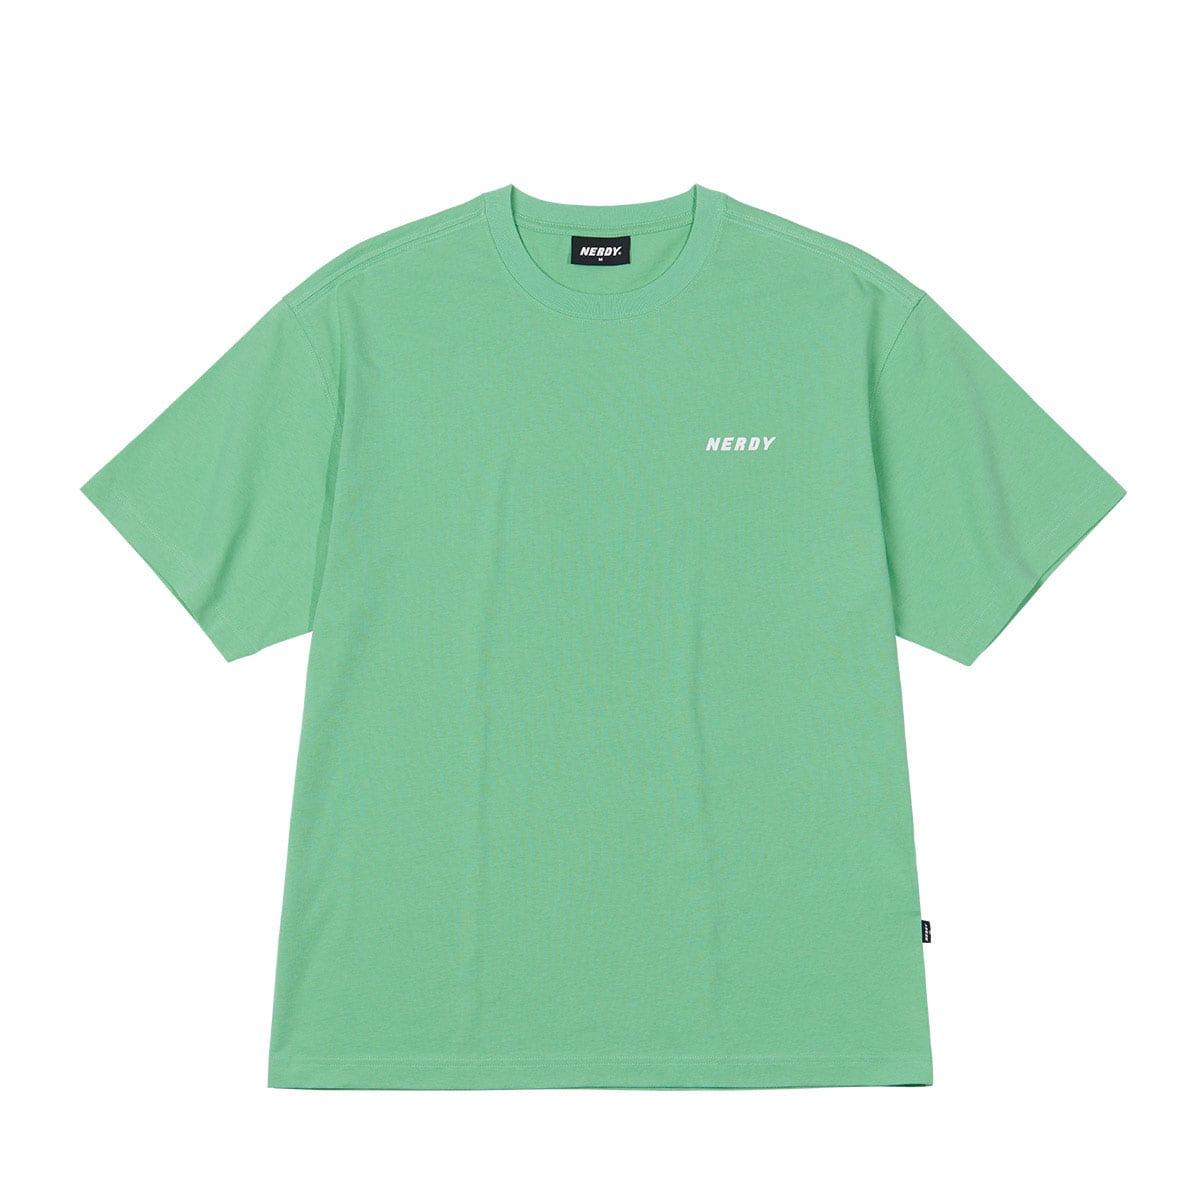 NERDY Back Slogan 1/2 Sleeve T-shirt GREEN 21SP-I_photo_large